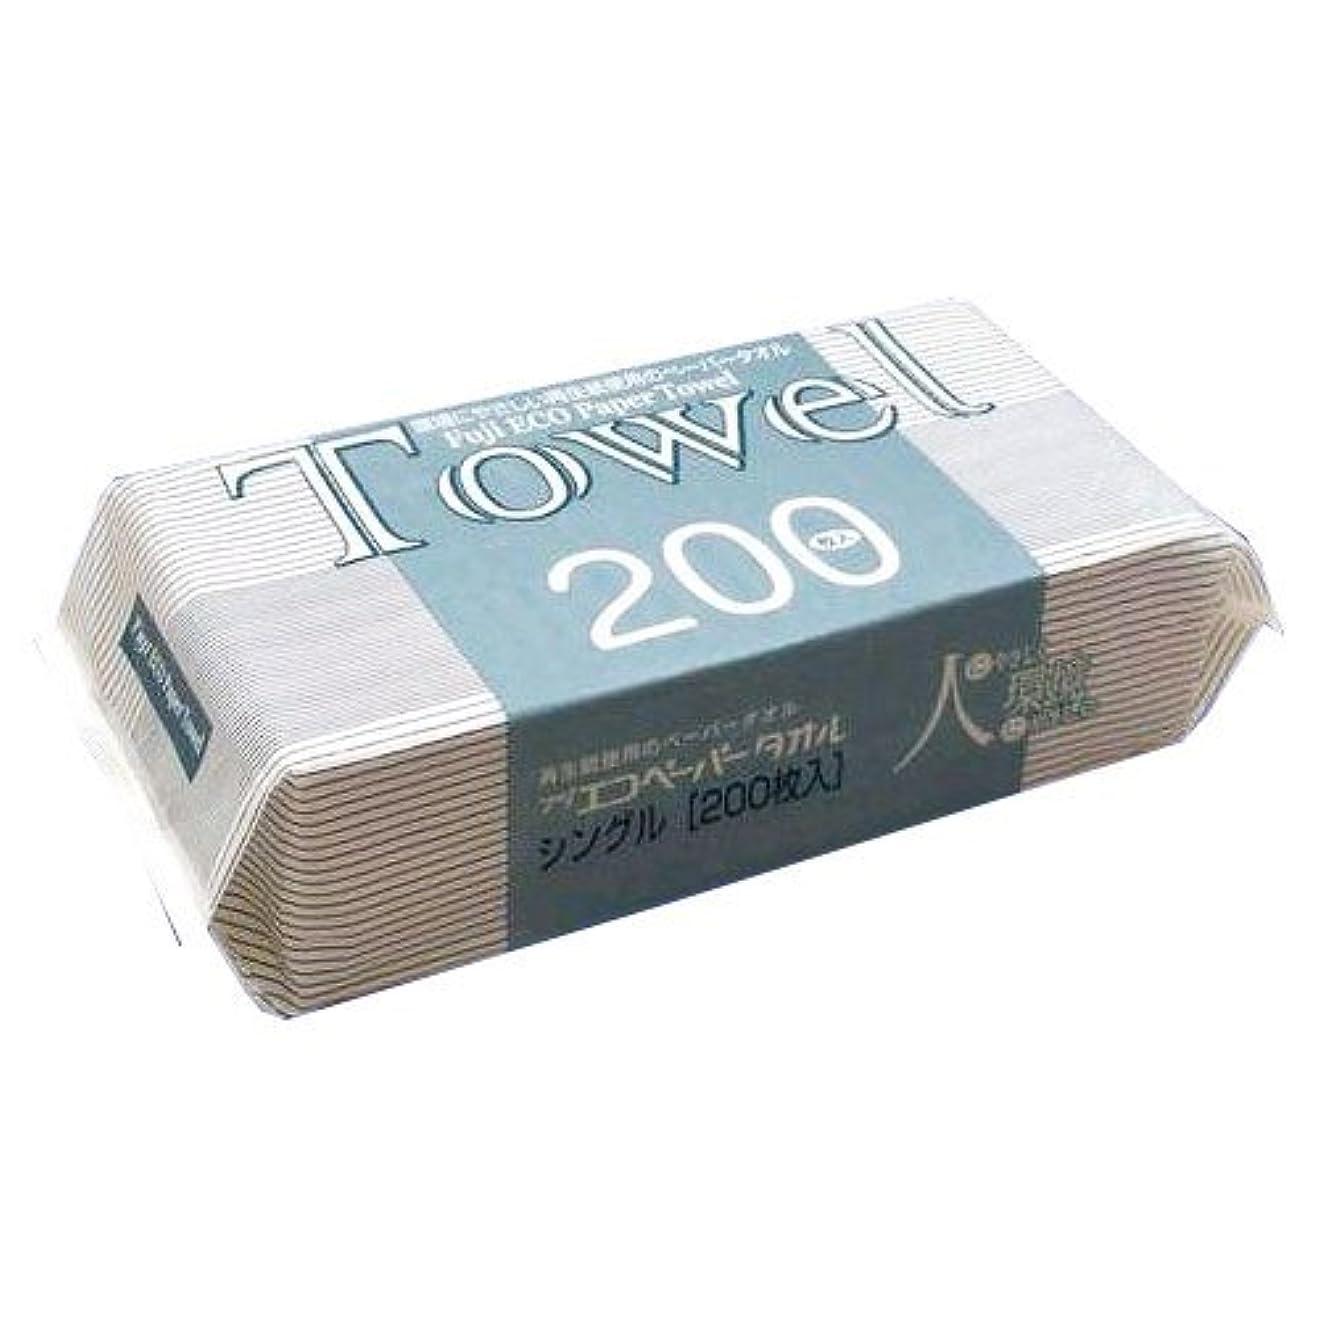 わがまま触覚基礎フジナップ 再生紙エコペーパータオル 中判サイズ 200枚入【30個セット】 4942015096080